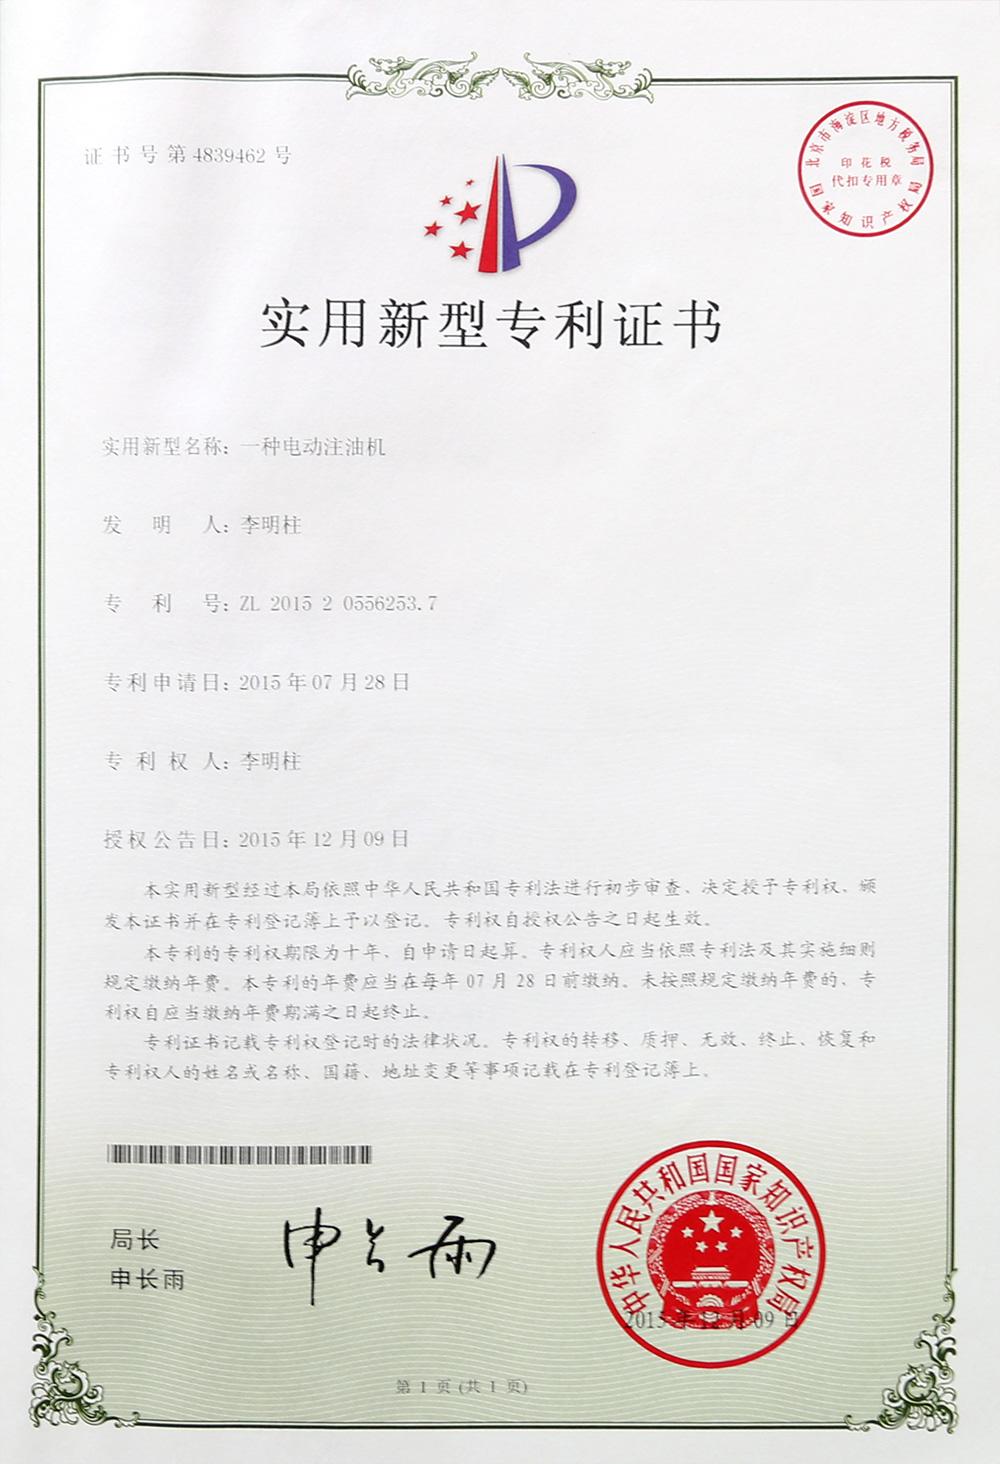 技术专利 (7)